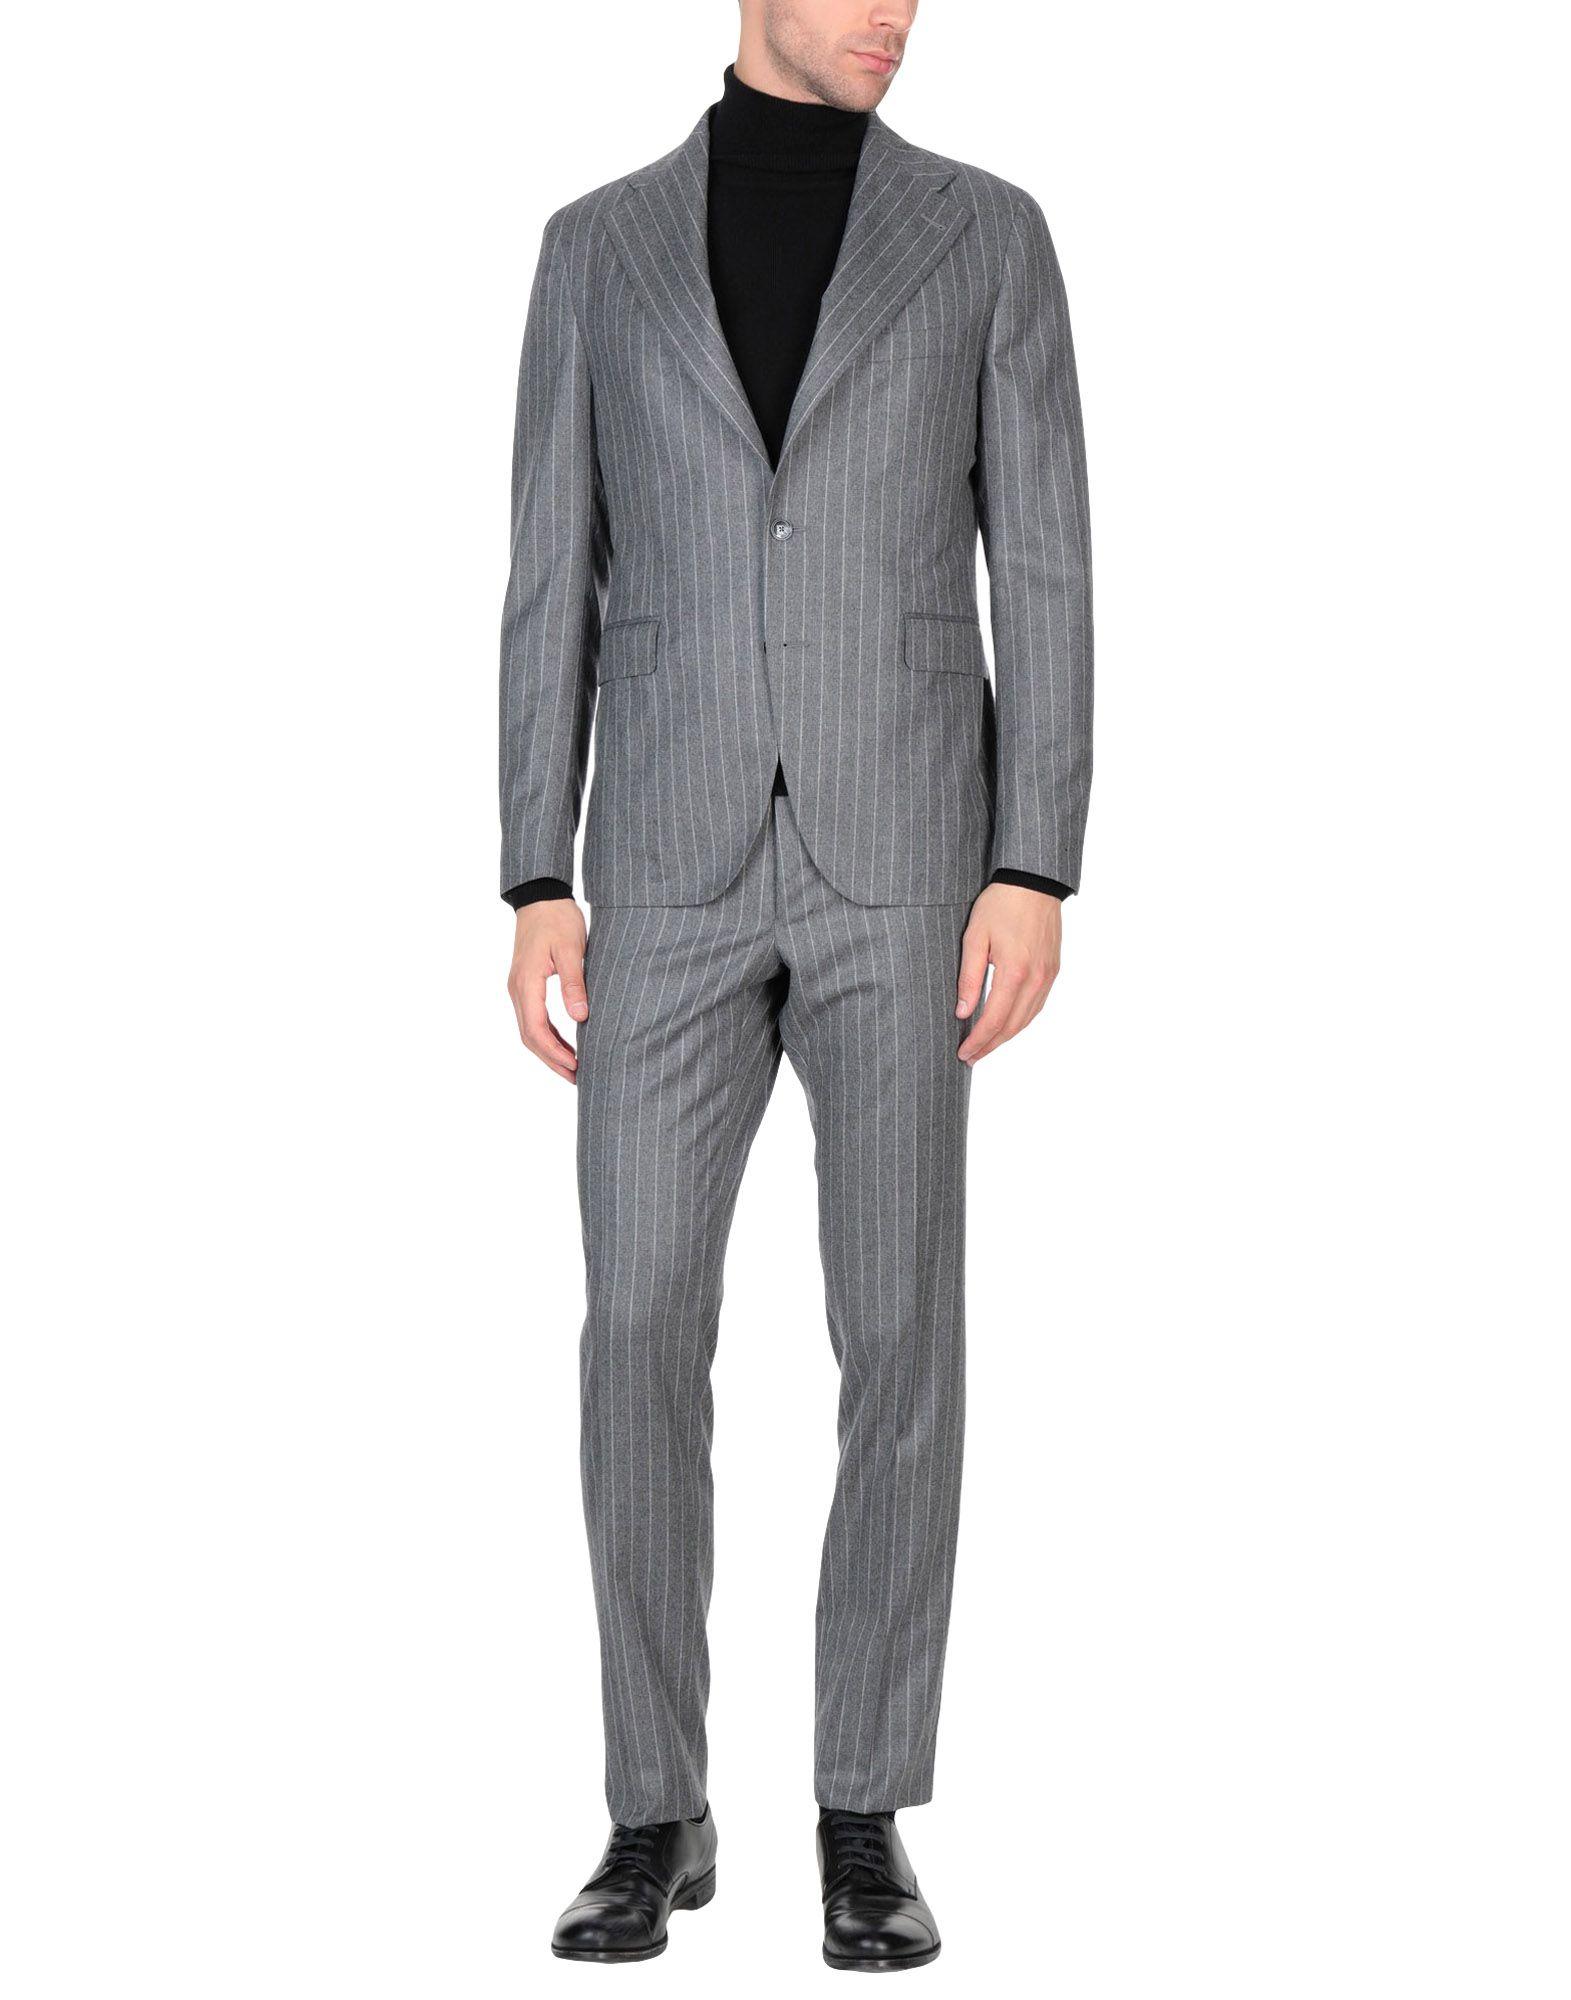 《送料無料》TAGLIATORE メンズ スーツ グレー 54 スーパー120 ウール 100%